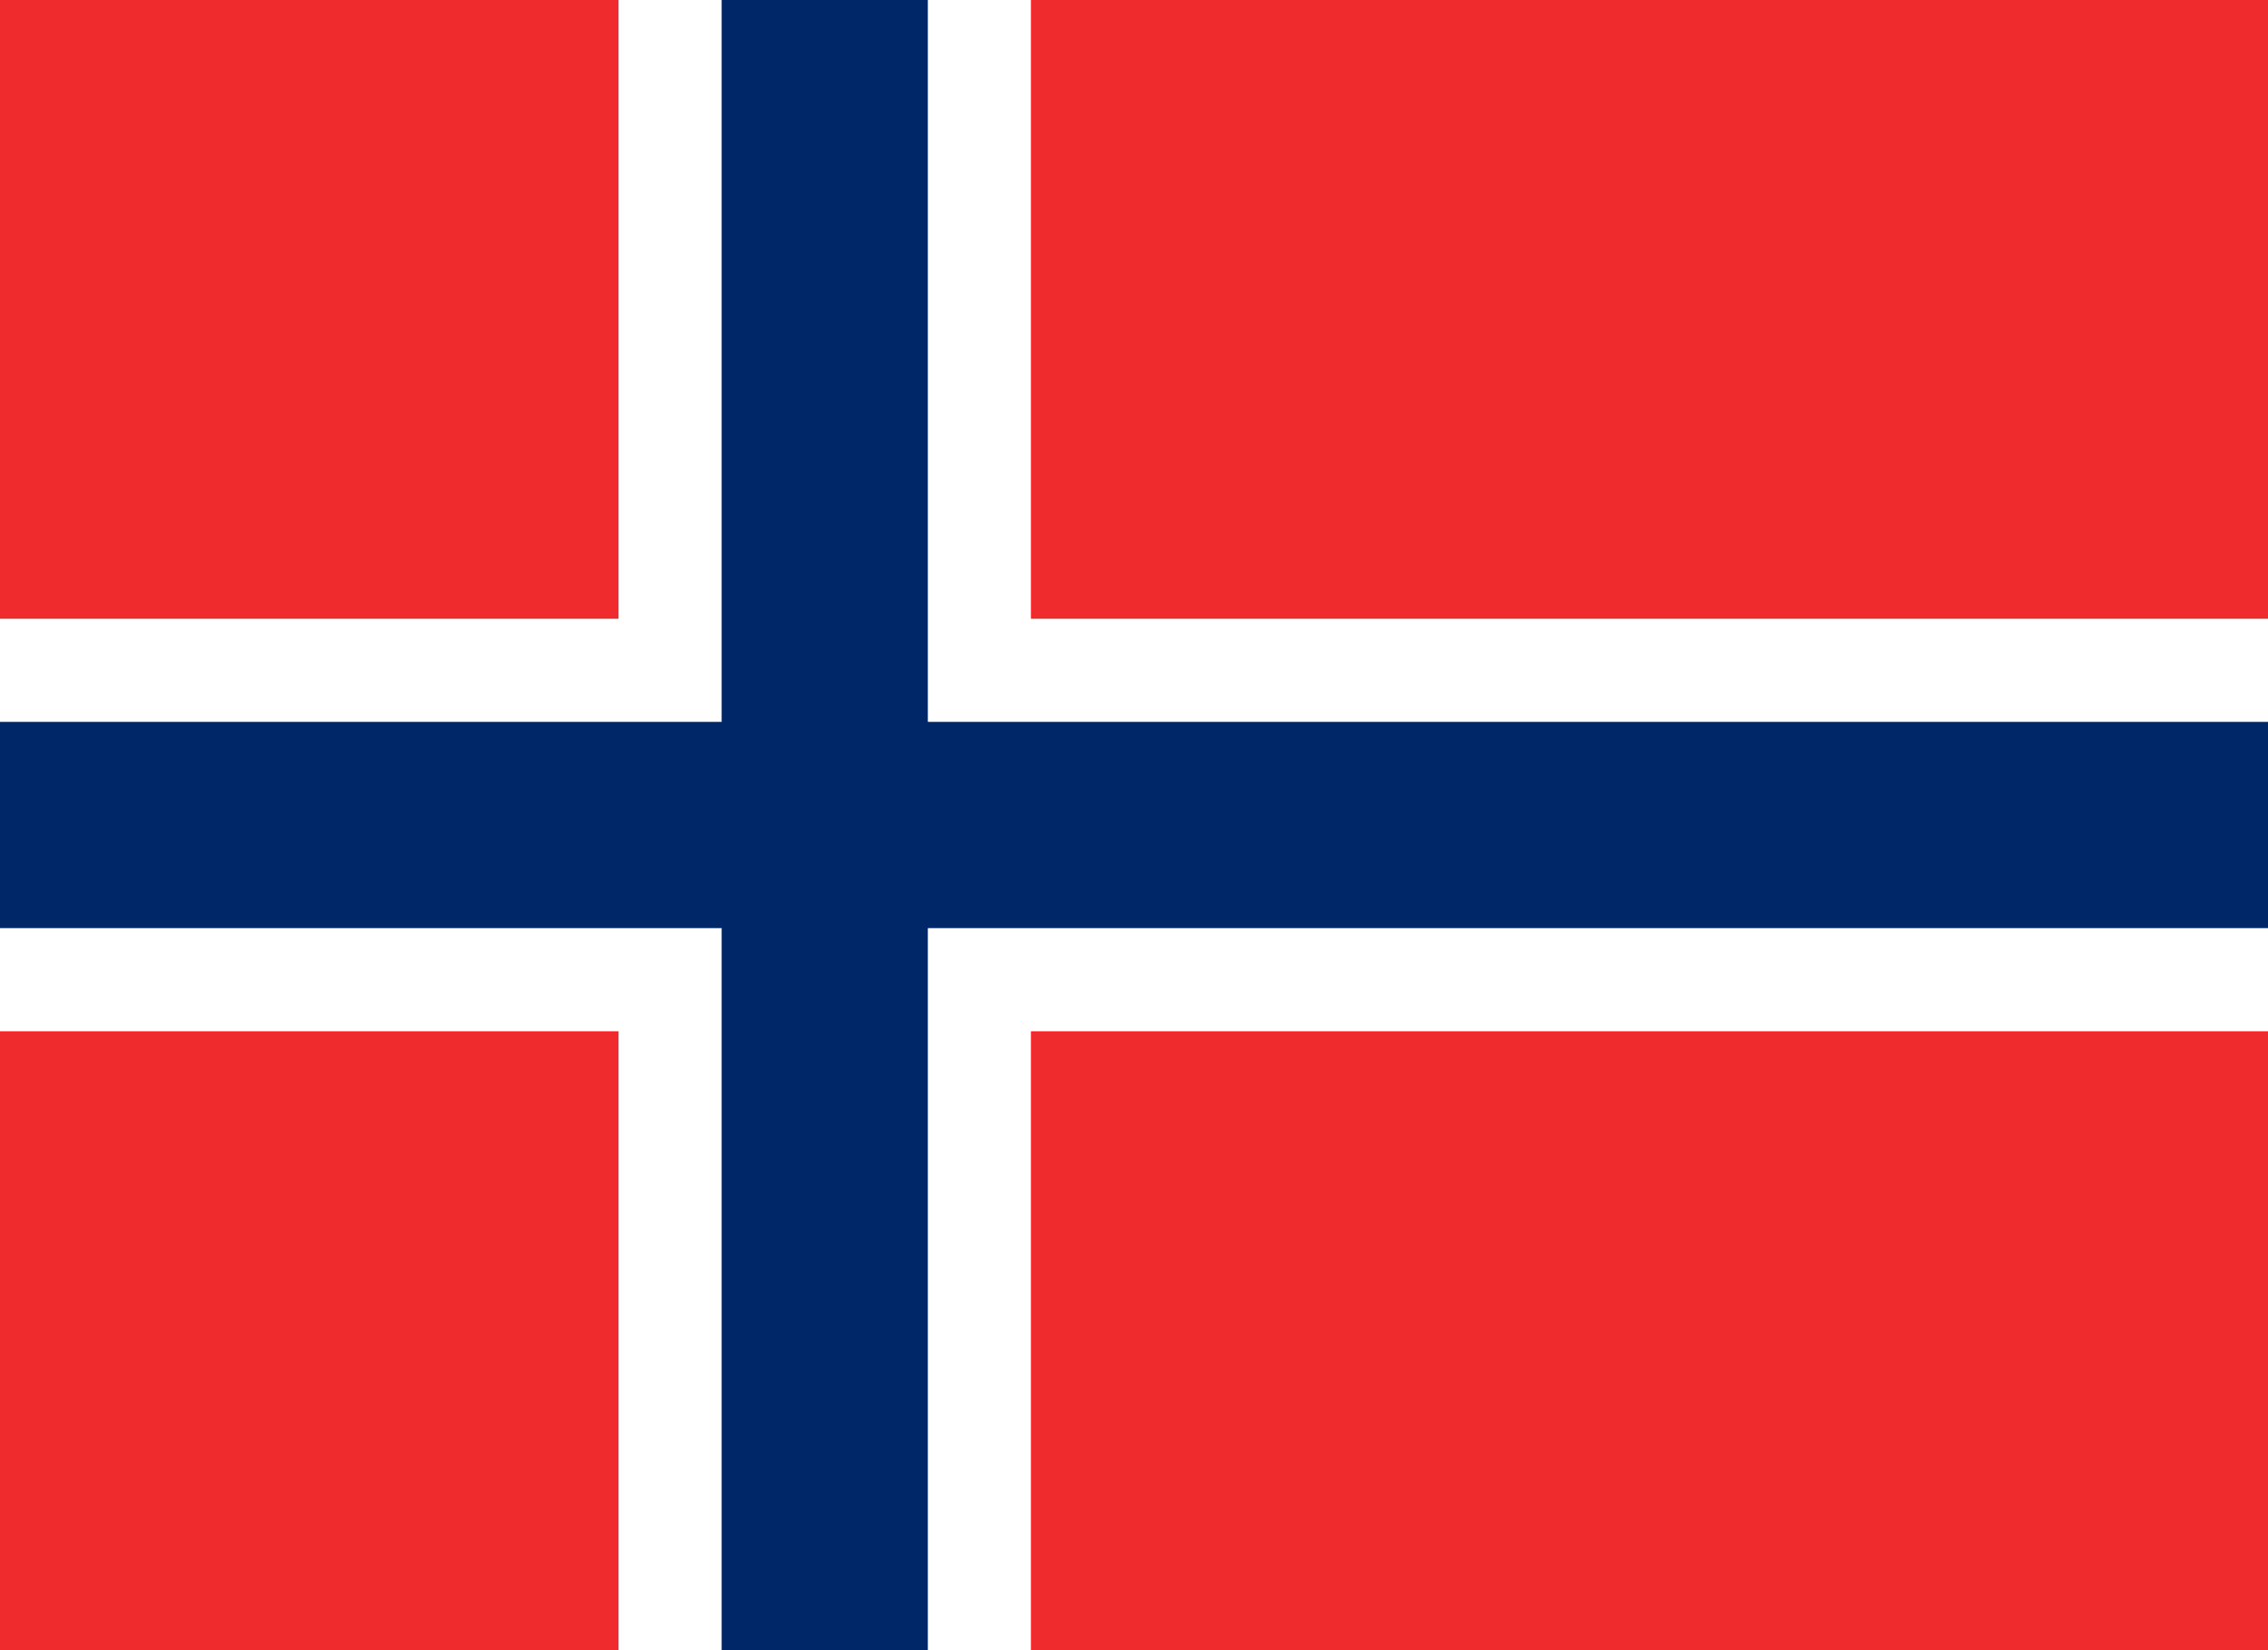 Bandera Noruega